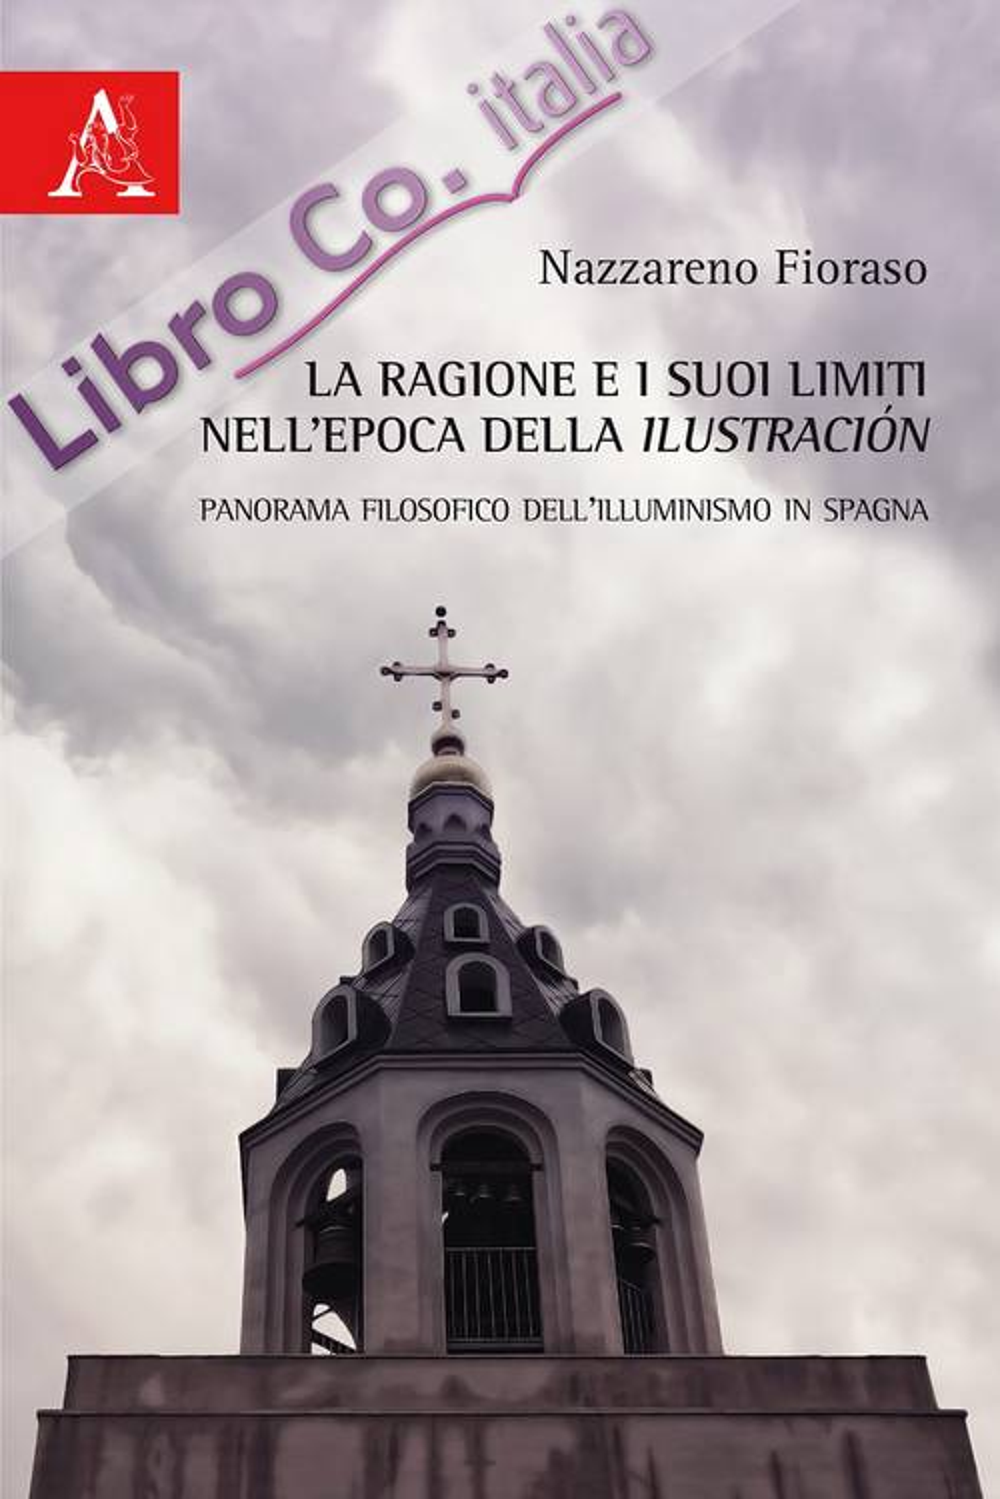 La ragione e i suoi limiti nell'epoca della Ilustración. Panorama filosofico dell'Illuminismo in Spagna